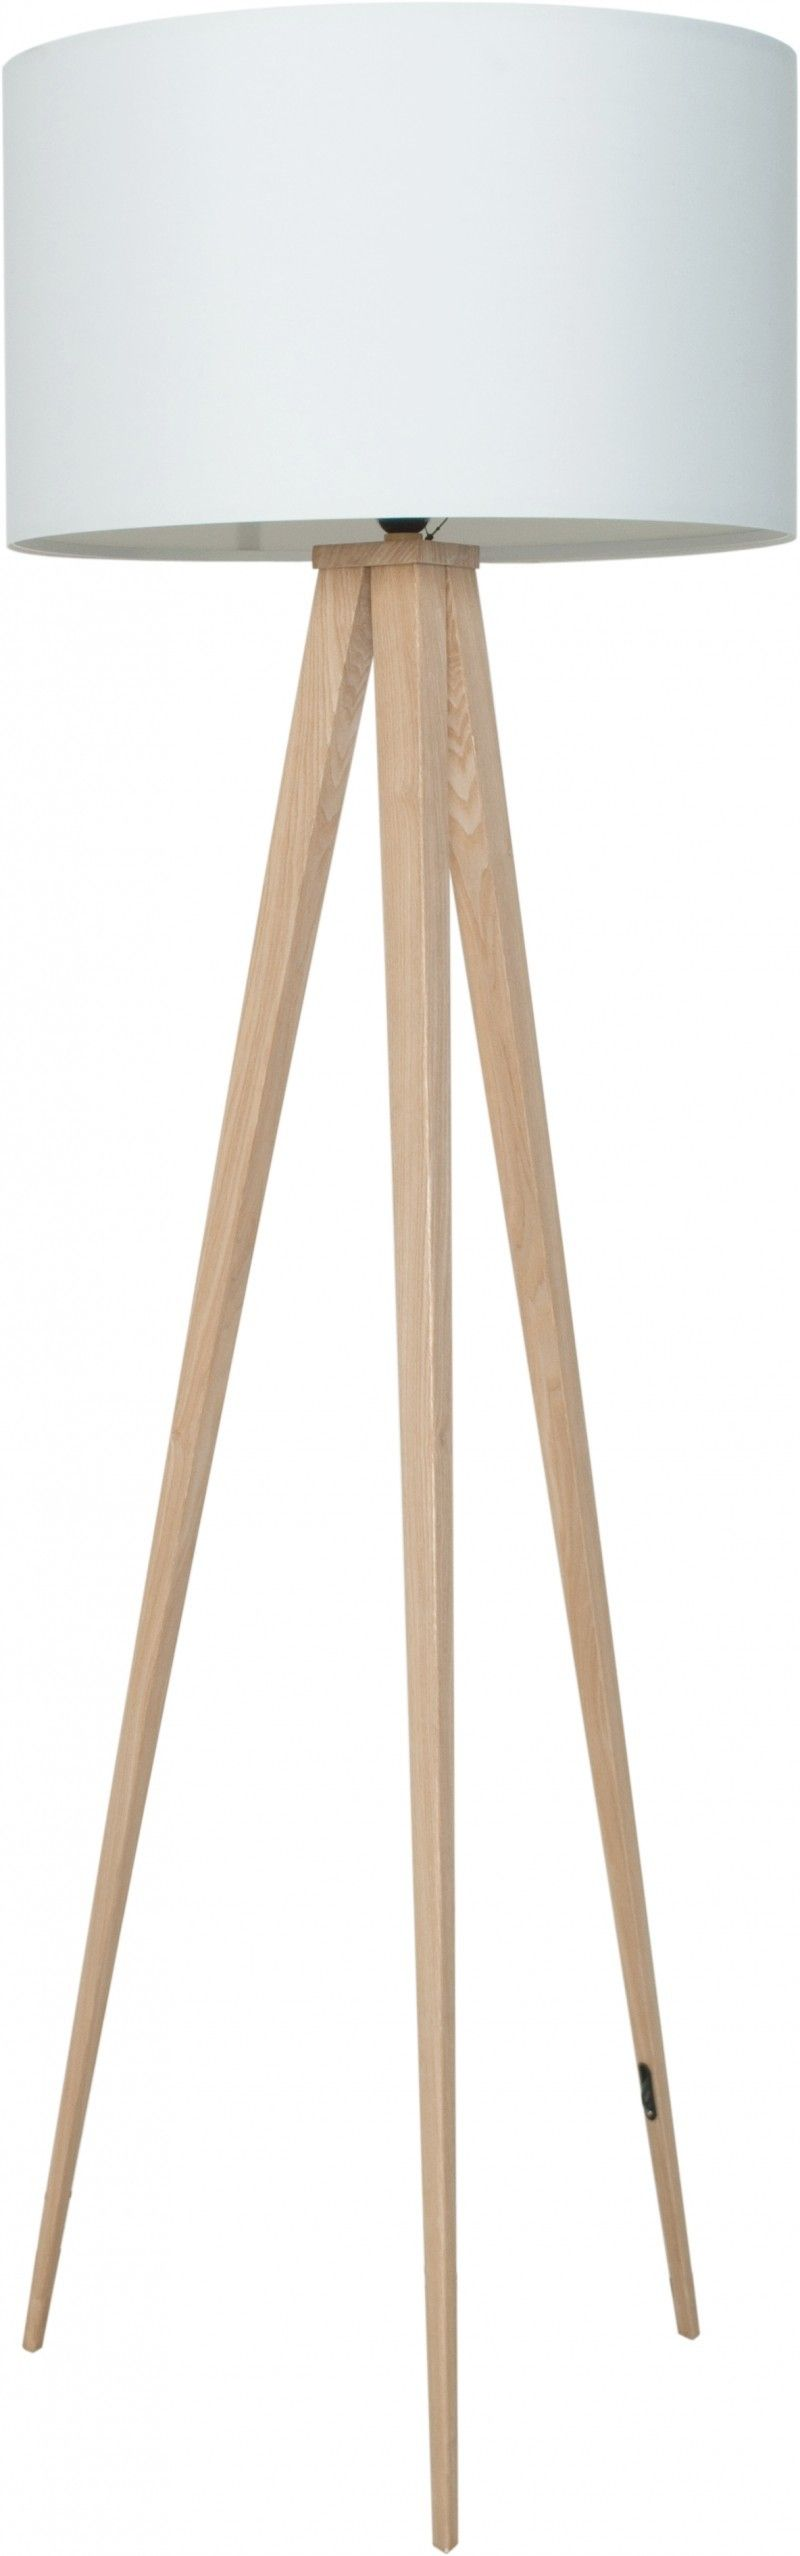 Design vloerlamp Tripod in het zwart met houten poten